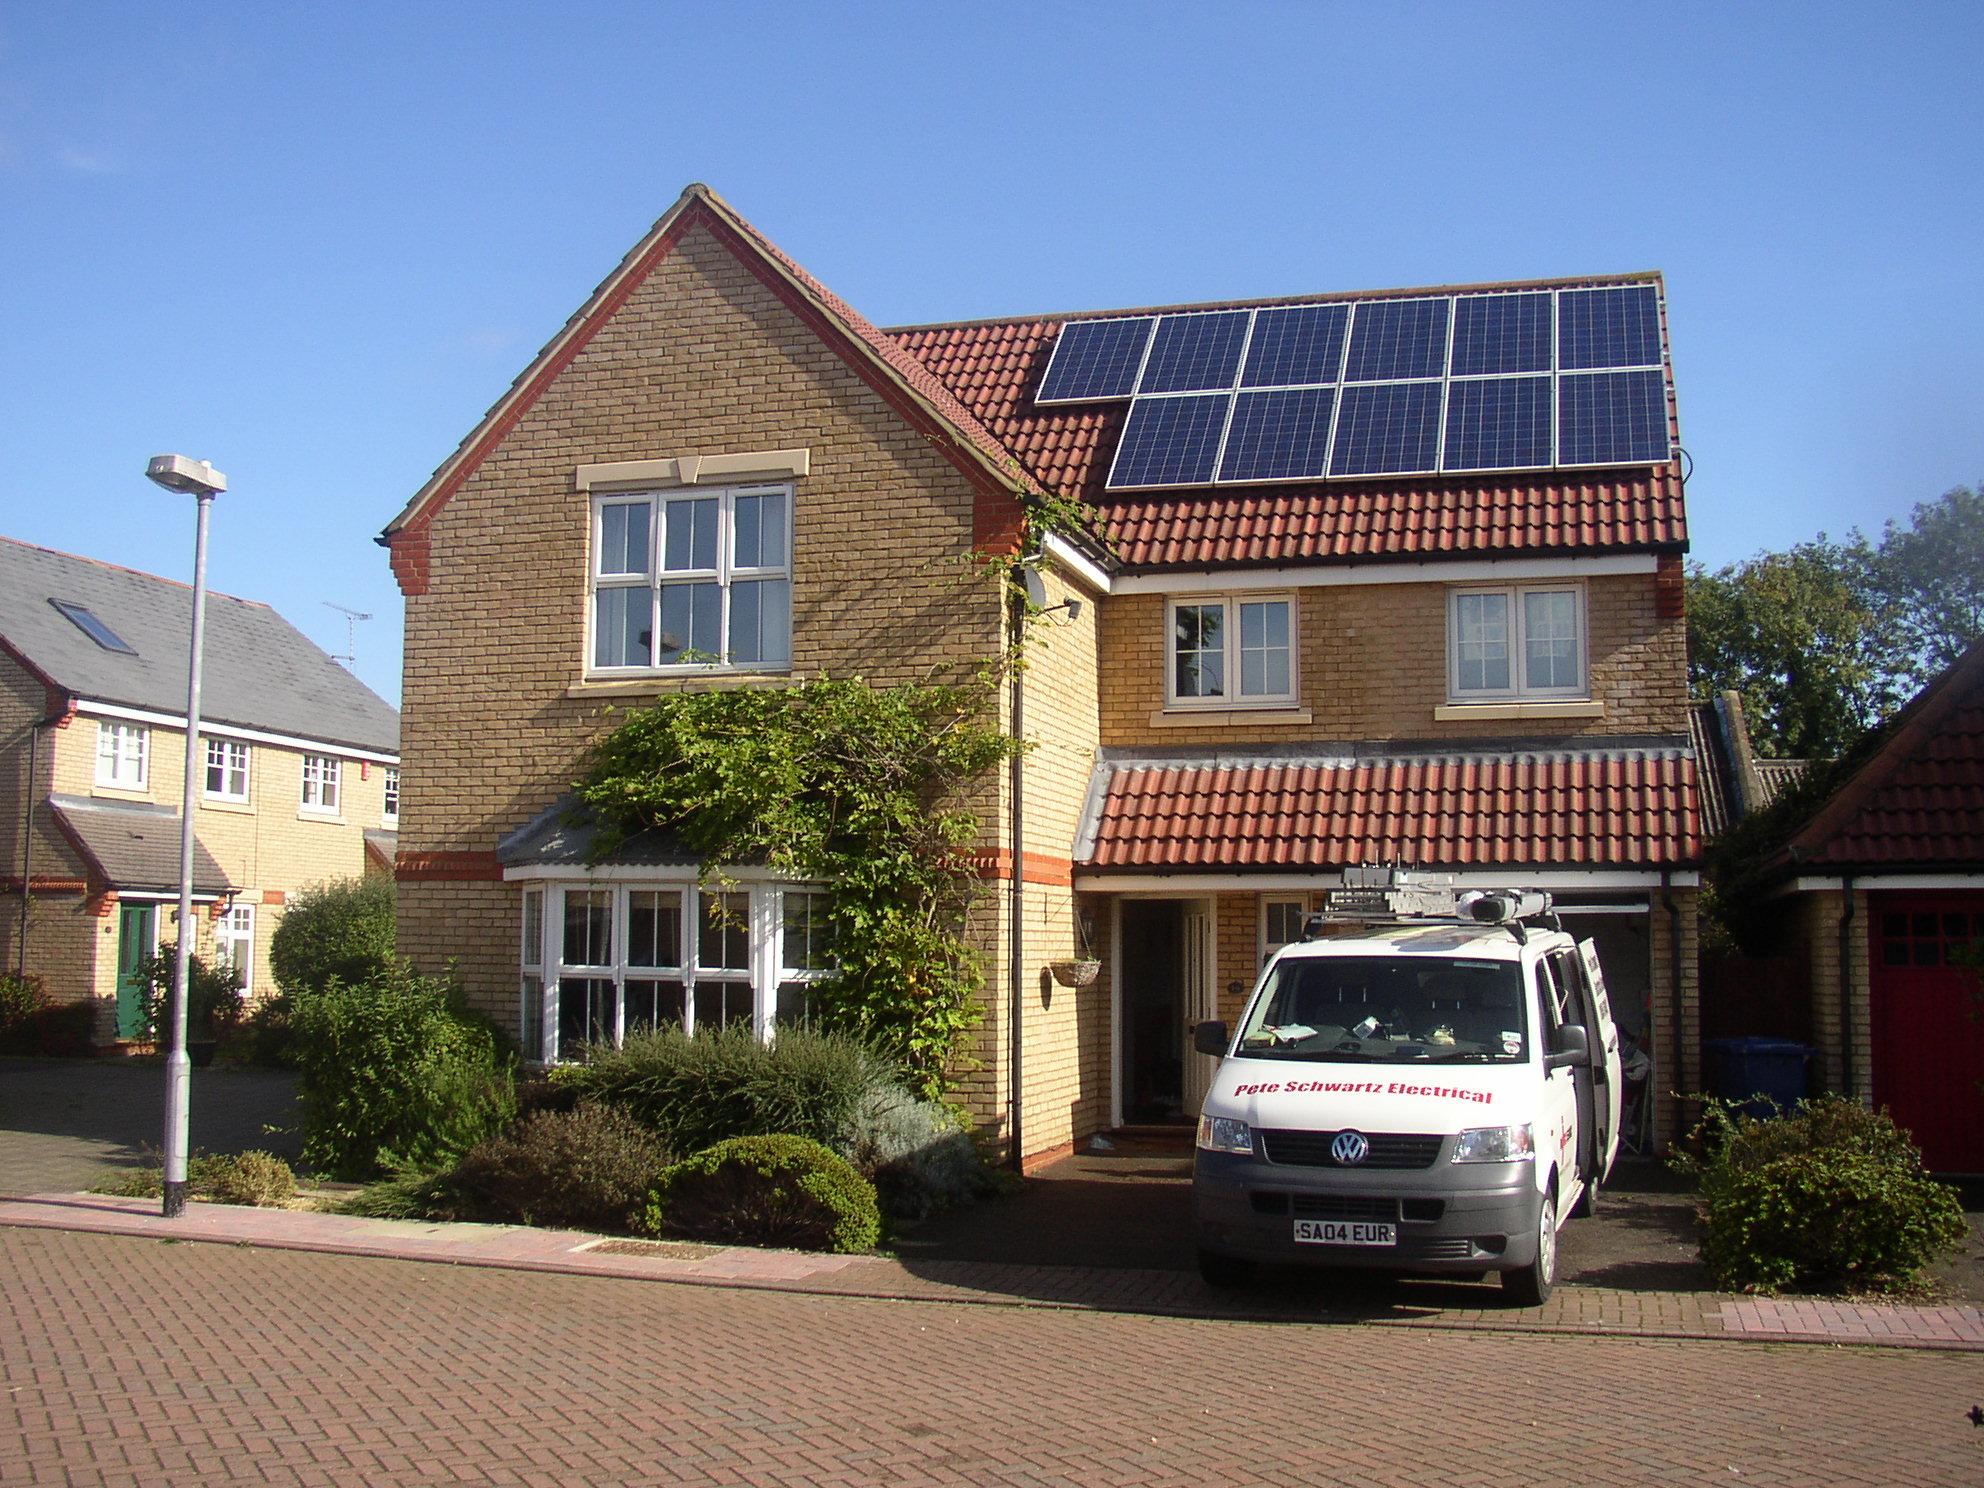 Domestic PV in Cambridge